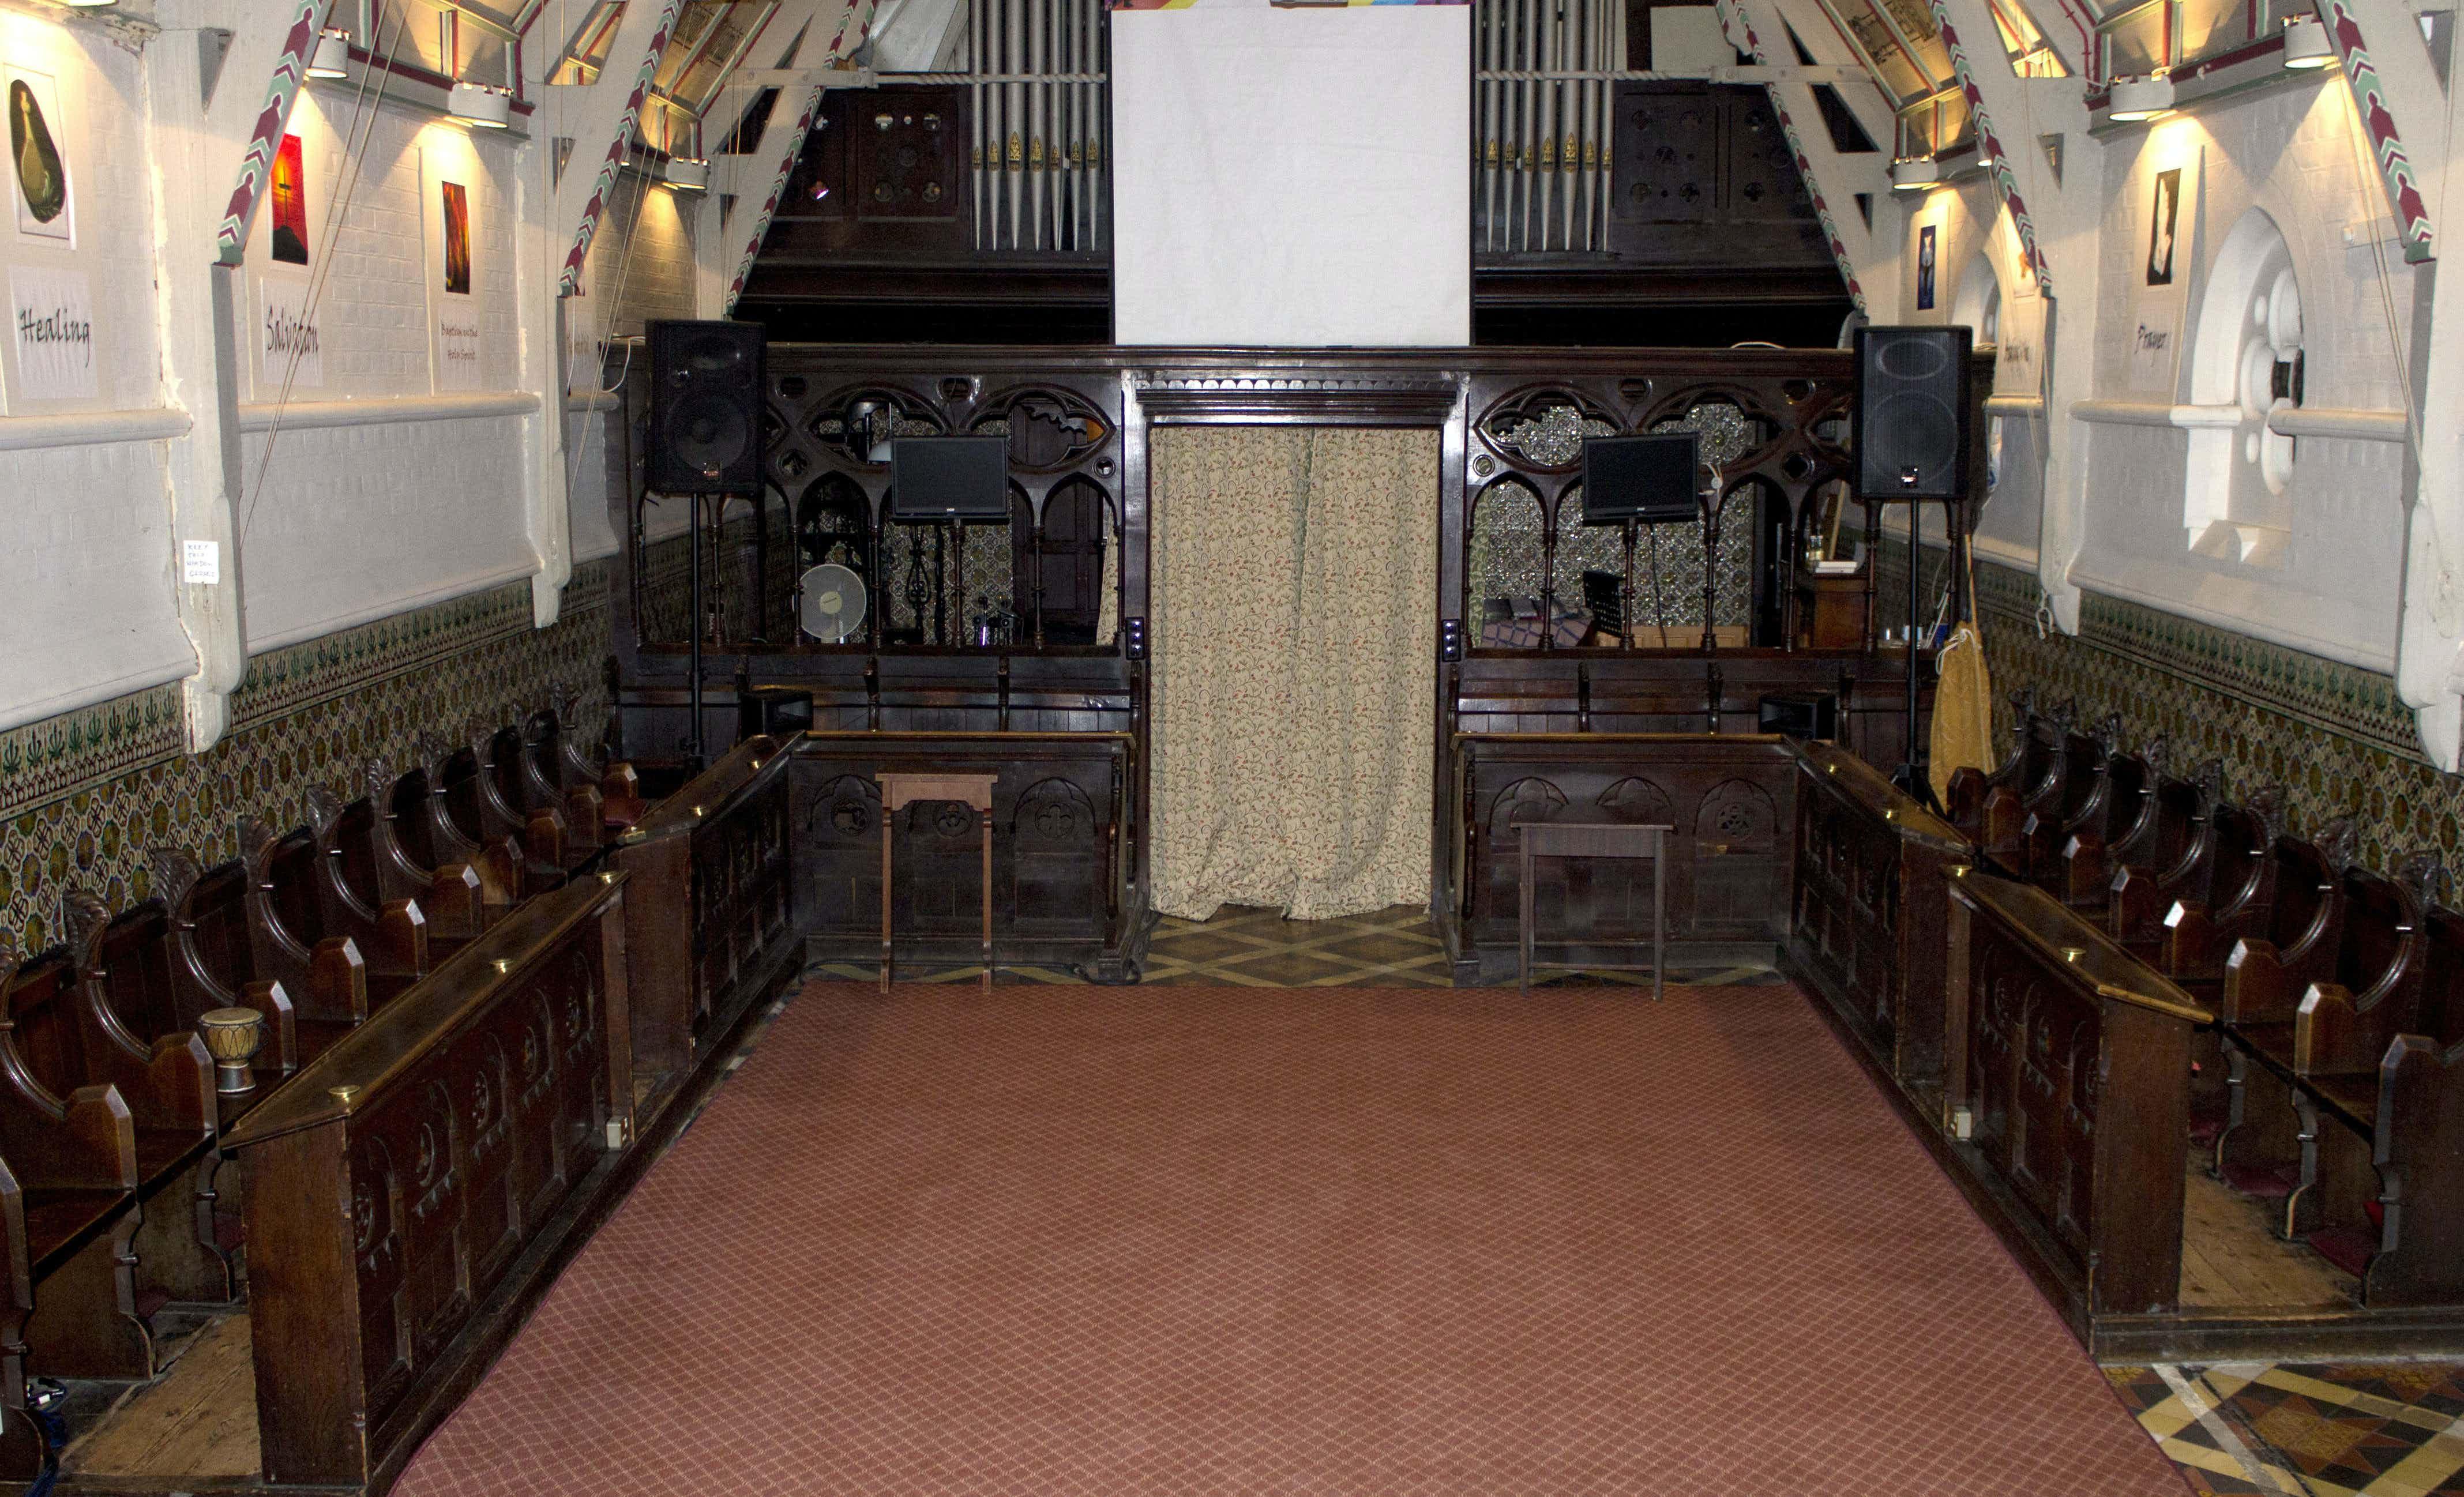 The Chapel, London Jesus Centre